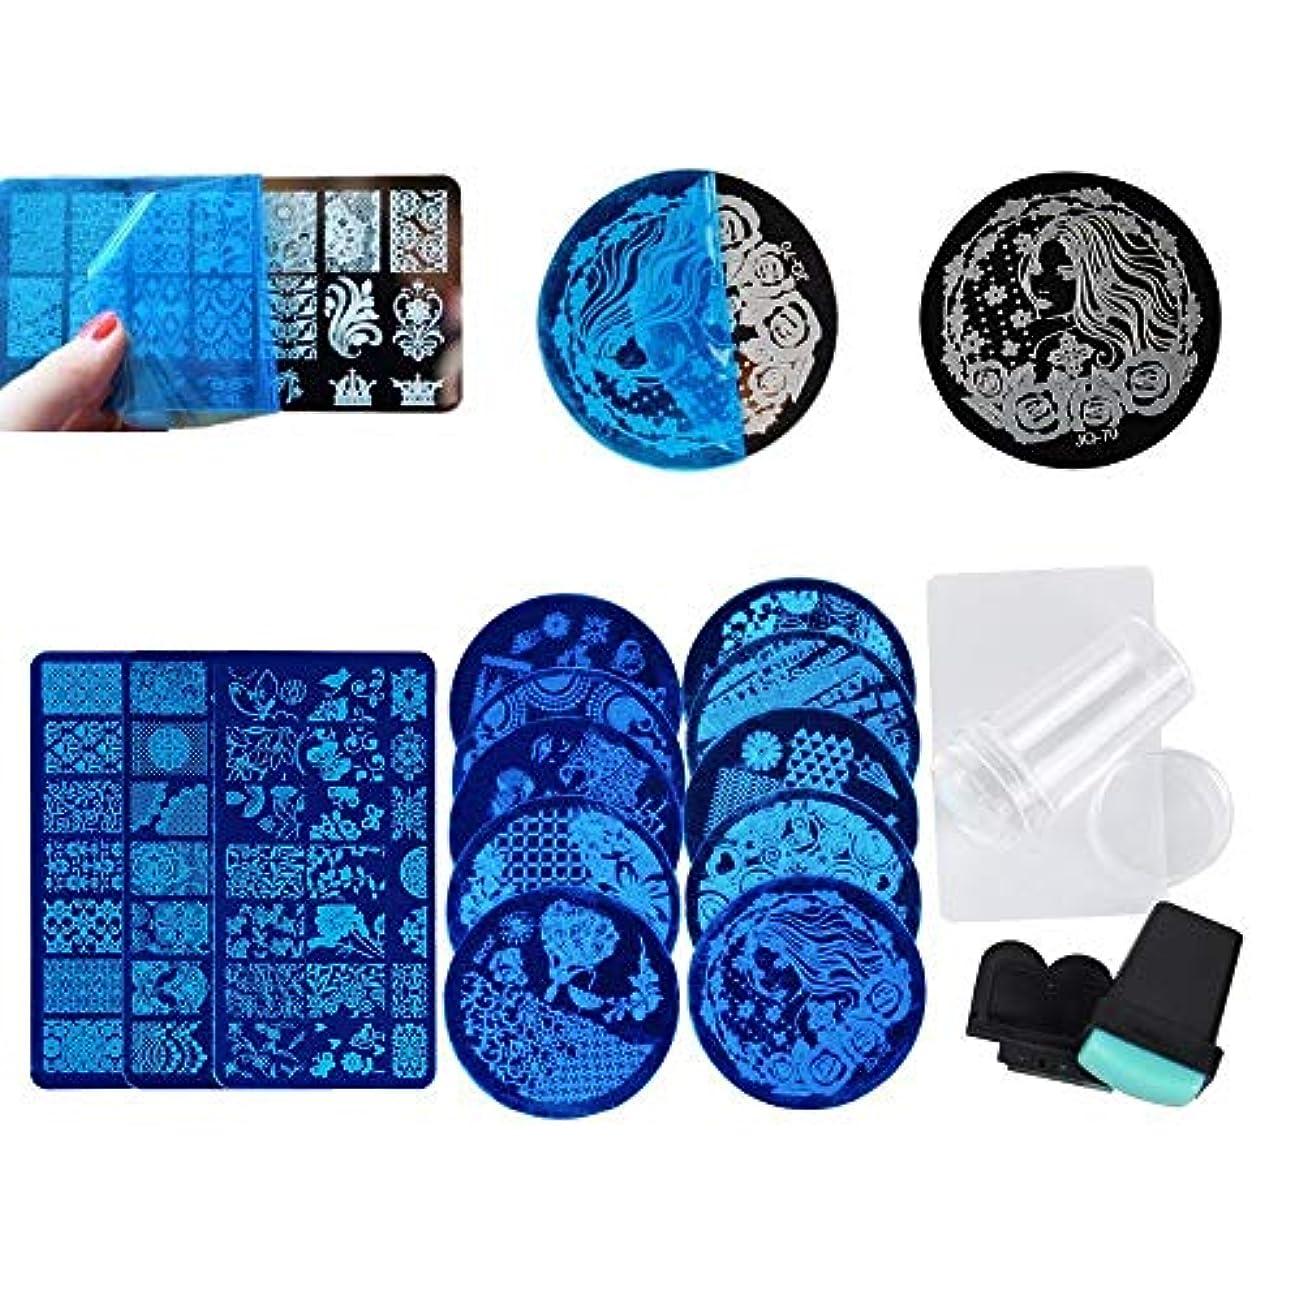 百年石膏面Decdeal スタンピングセット13枚 2ネイルスタンプ セット ネイルスタンパー 花模様 ランダムパターン